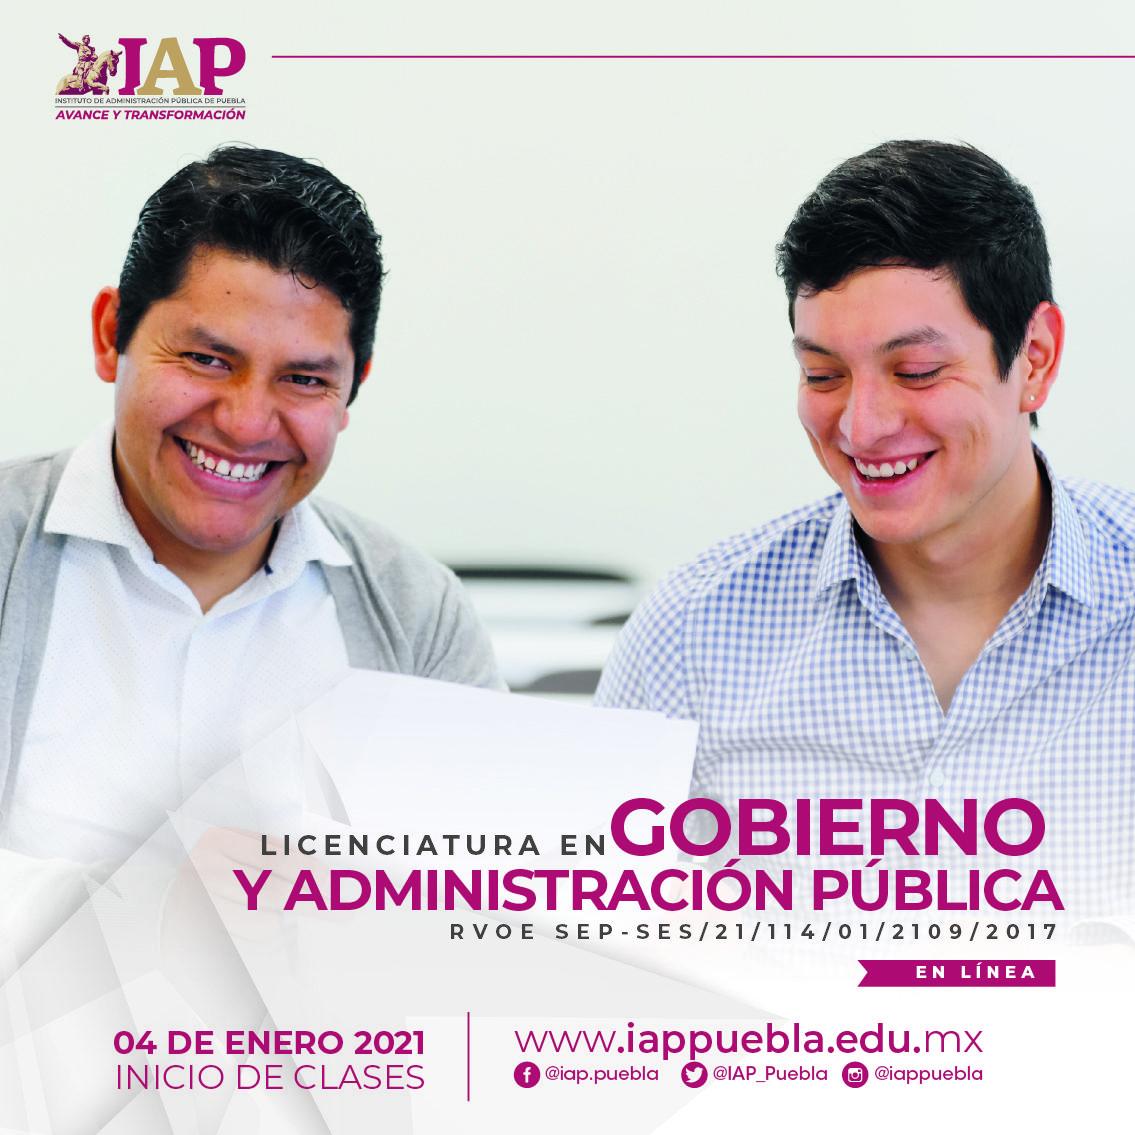 Licenciatura en Gobierno y Administración Pública